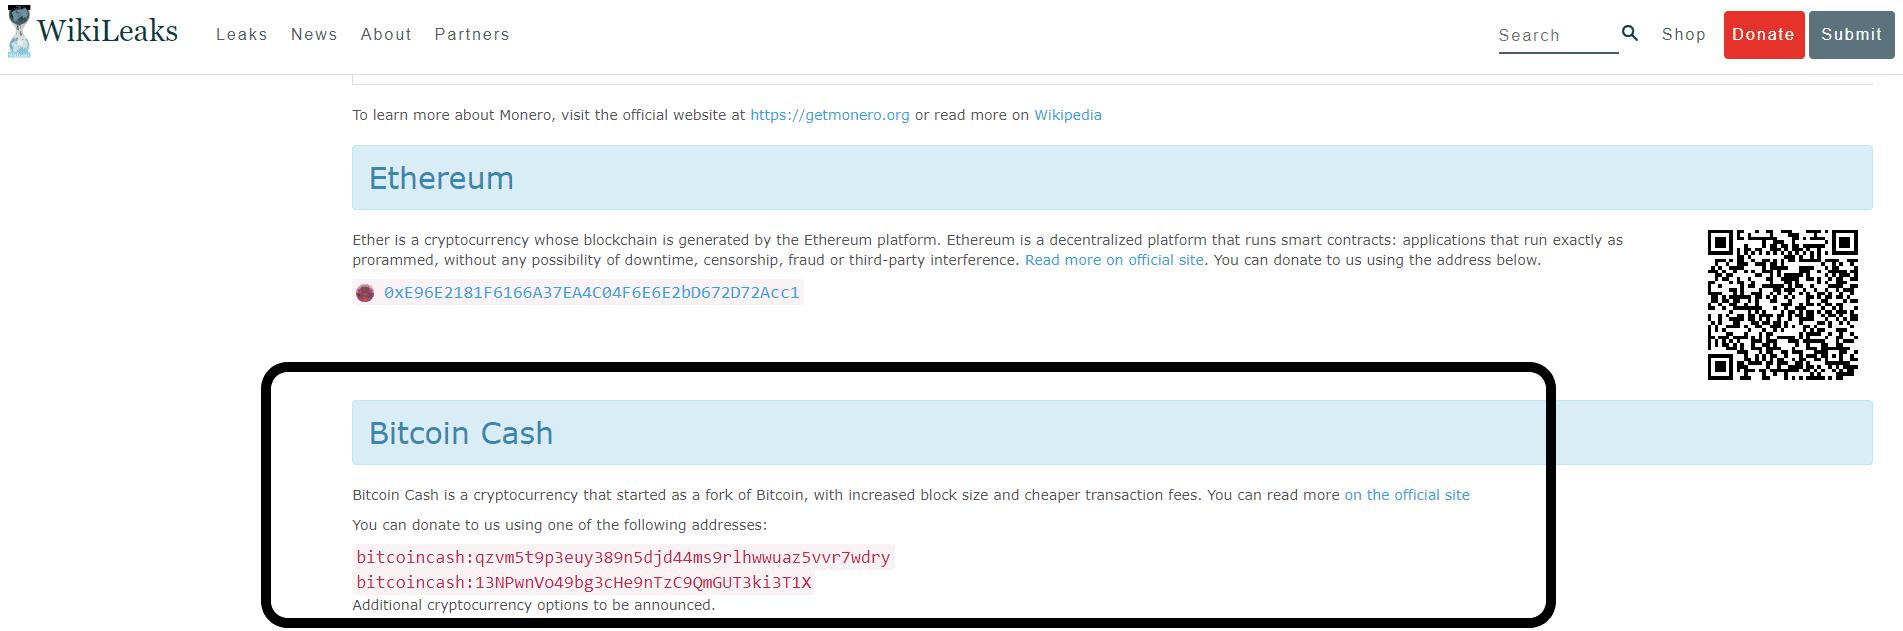 wikileaks BCH